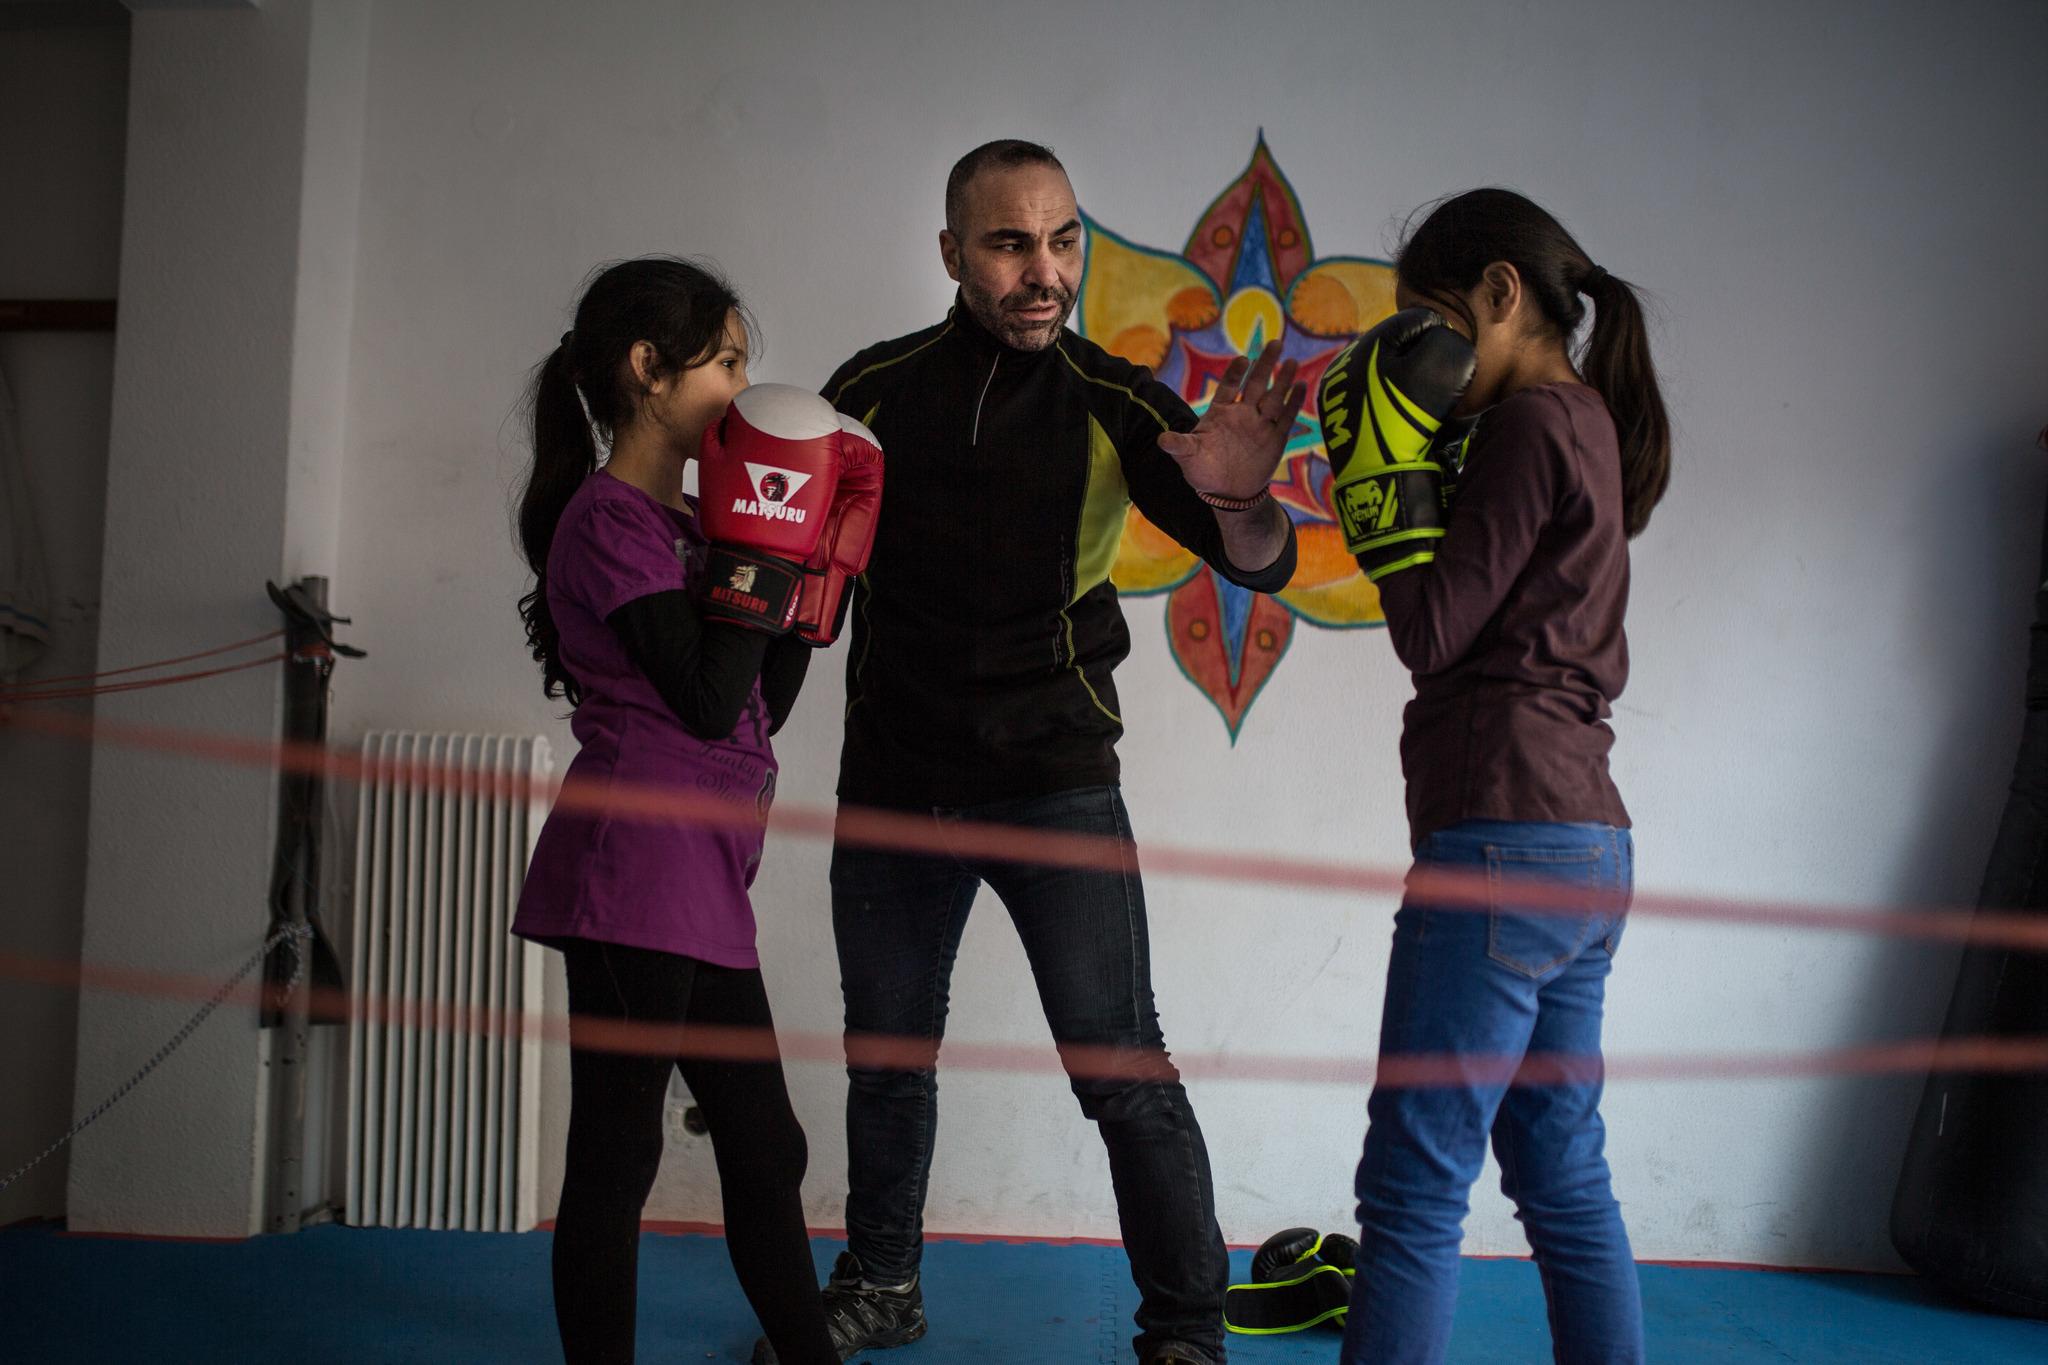 Jamal Alkaed entrena a dos niñas en su gimnasio de Atenas.